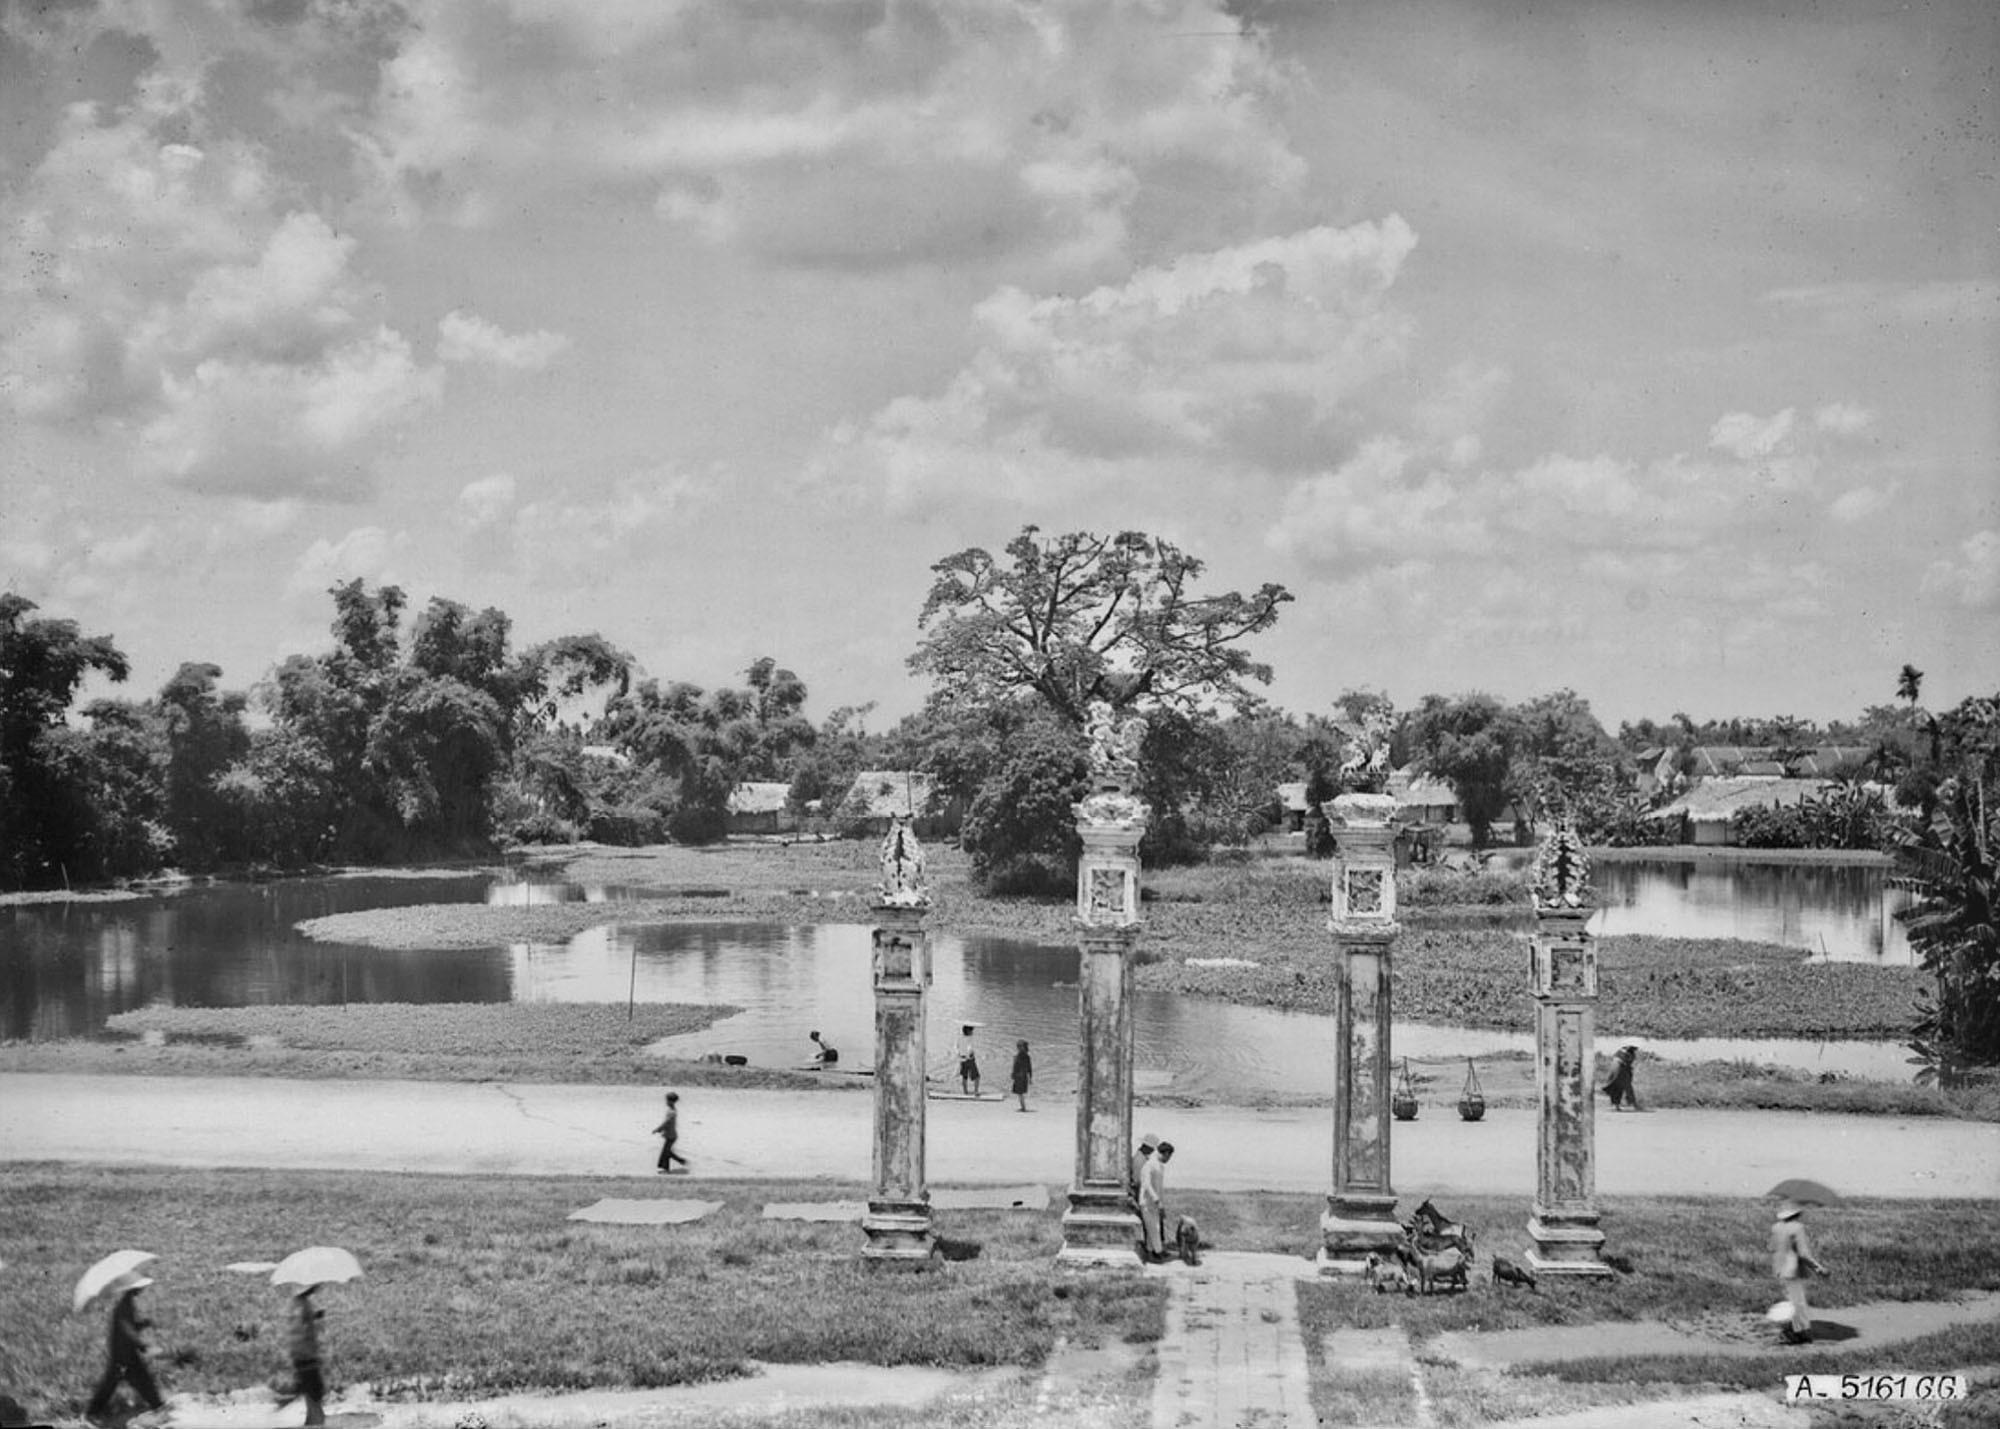 Chùm ảnh: Diện mạo Văn Miếu – Quốc Tử Giám Hà Nội thập niên 1920